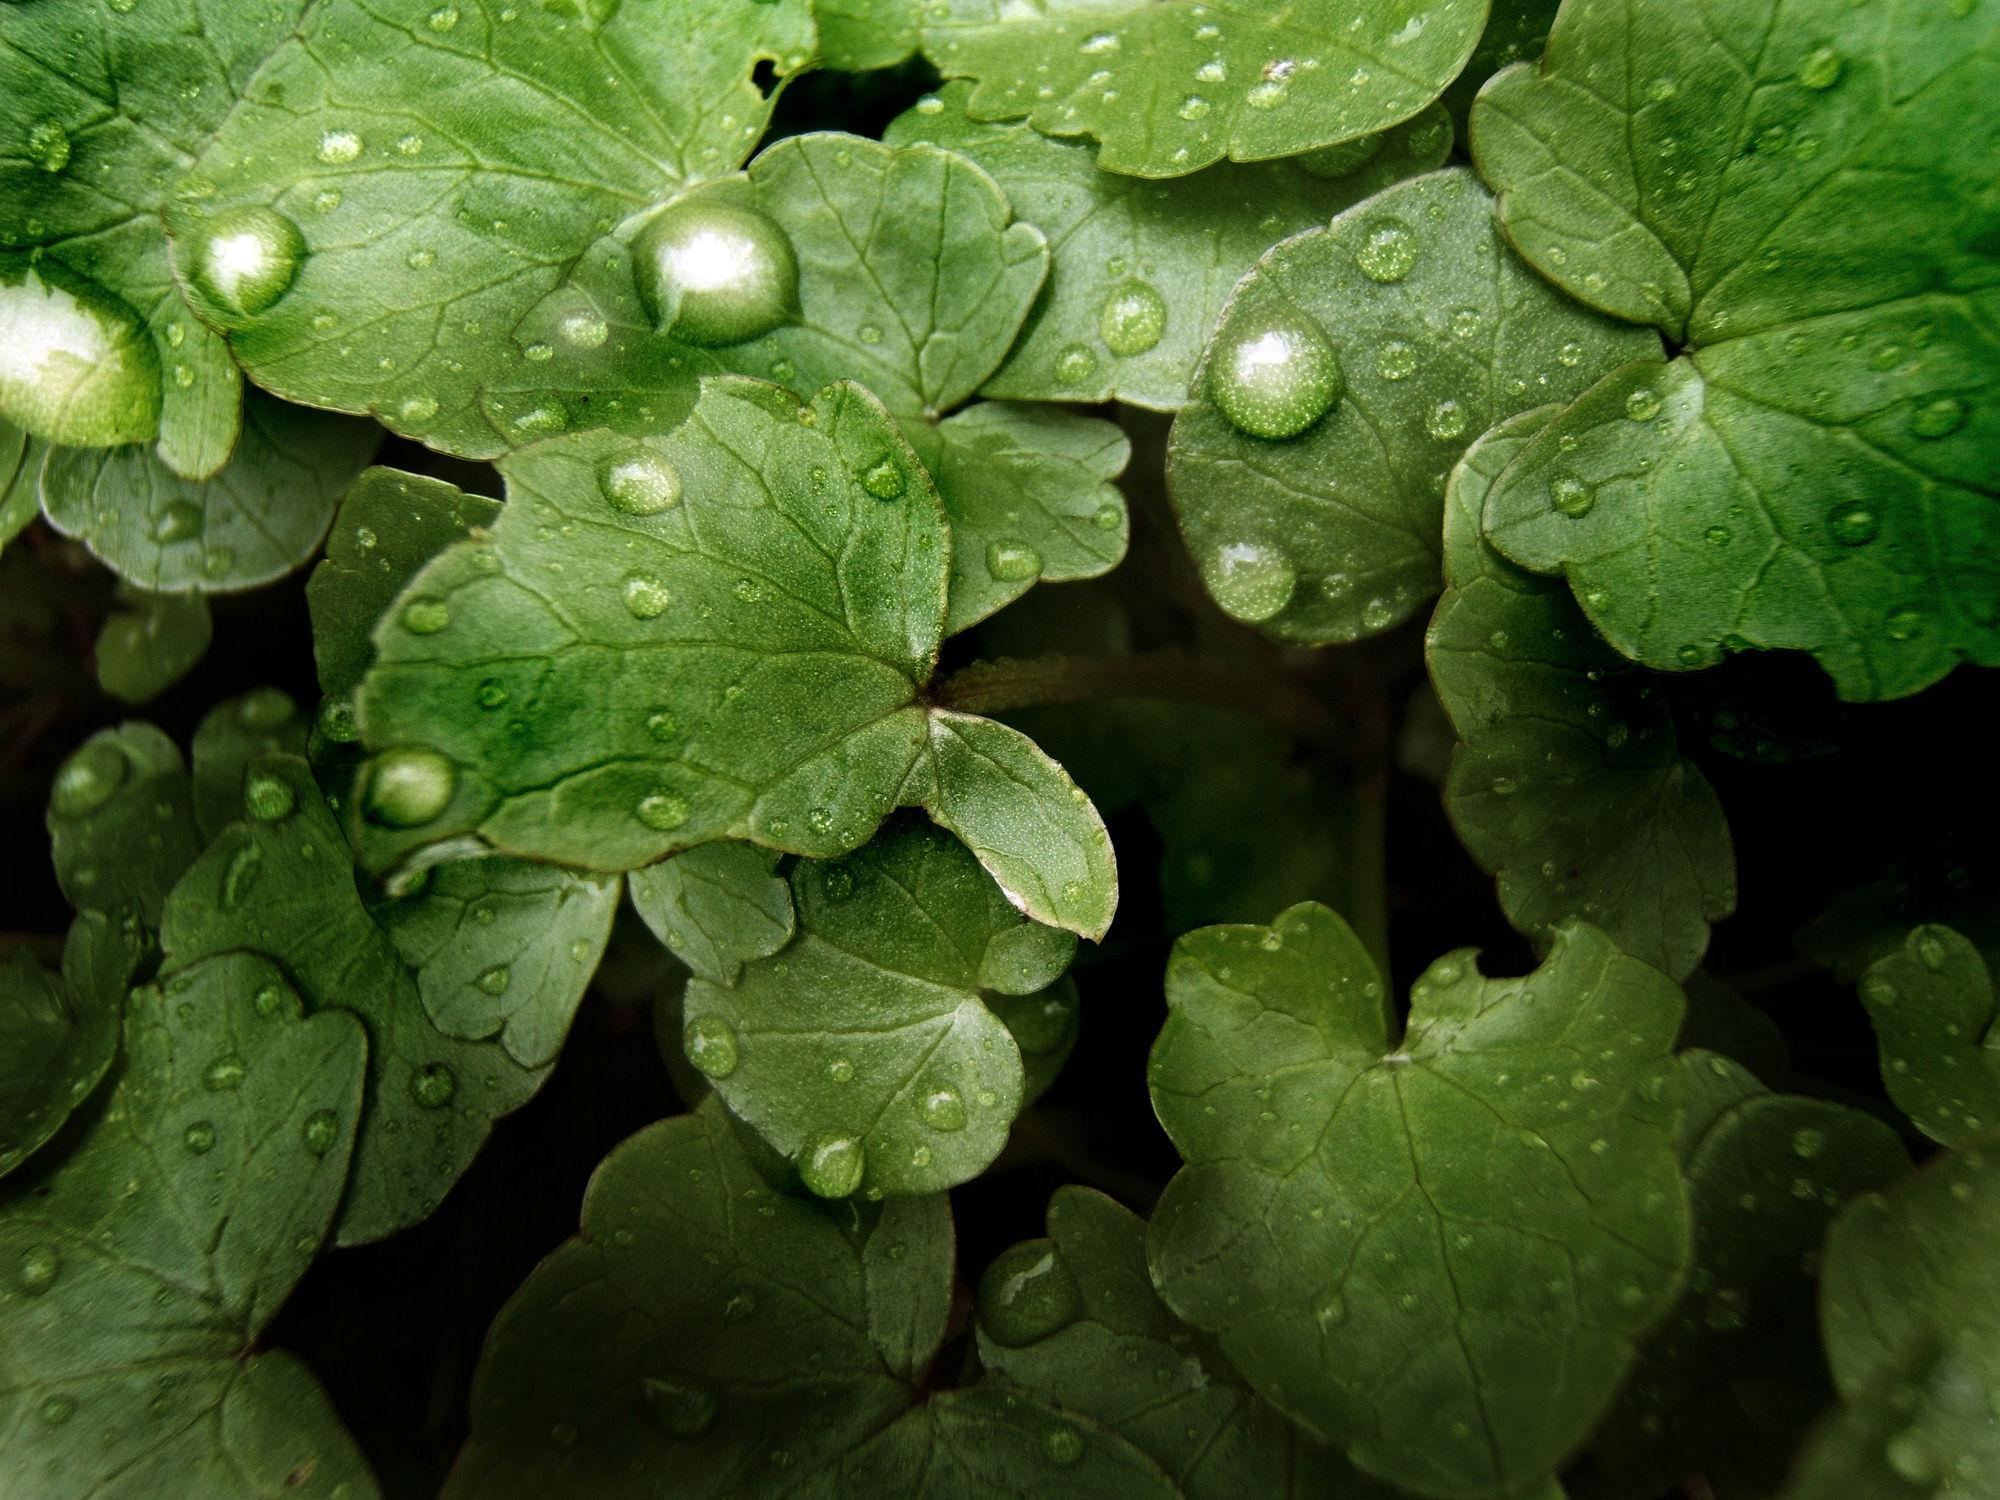 Bild mit Natur, Grün, Pflanzen, Blumen, Blätter, Pflanze, Blatt, Wassertropfen, Regentropfen, Wasserperlen, Tropfen, Flora